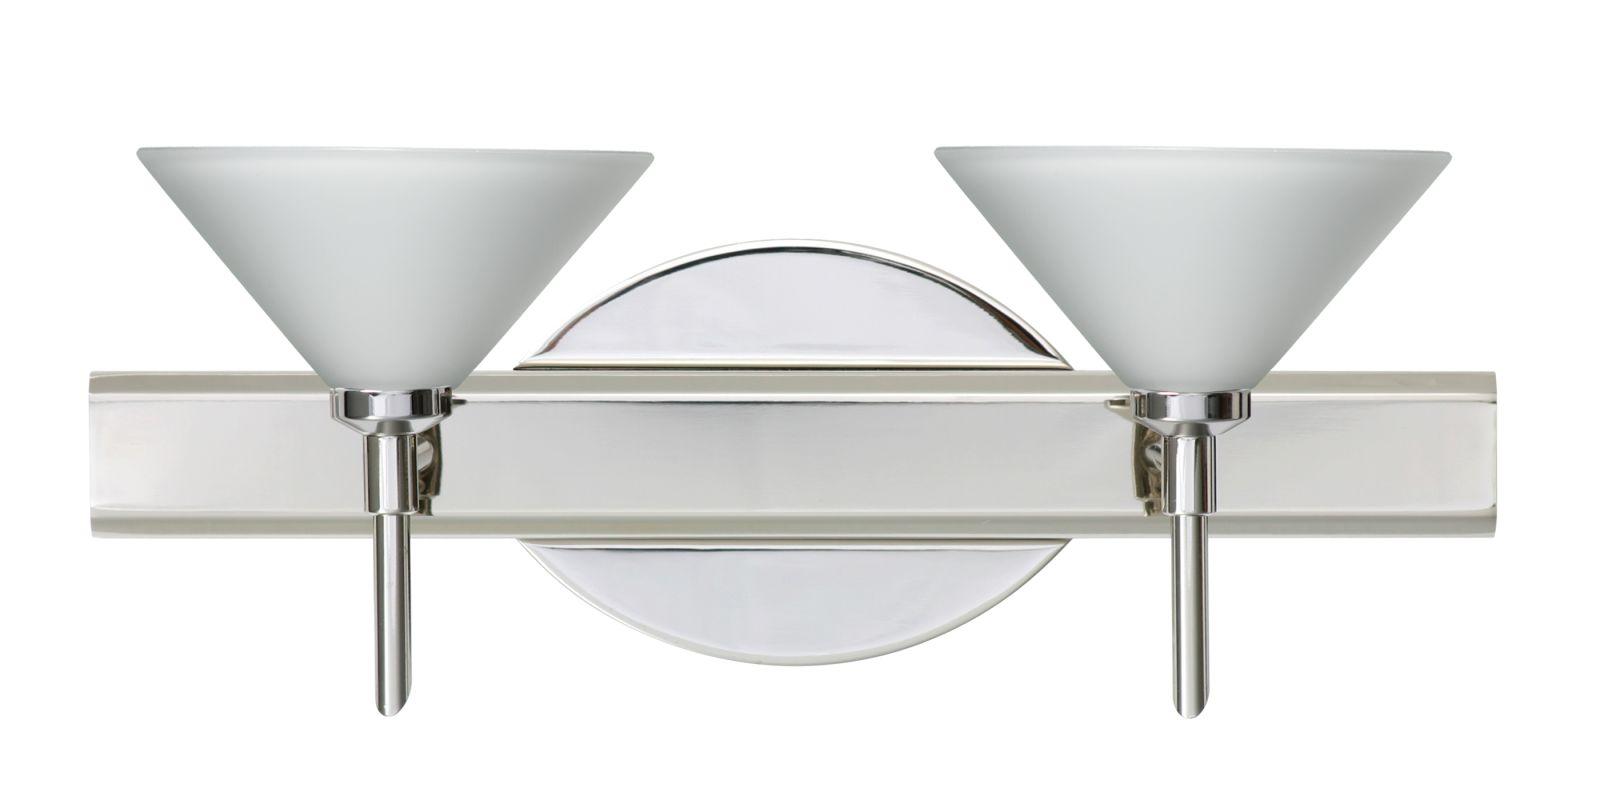 Besa Lighting 2SW-117607 Kona 2 Light Reversible Halogen Bathroom